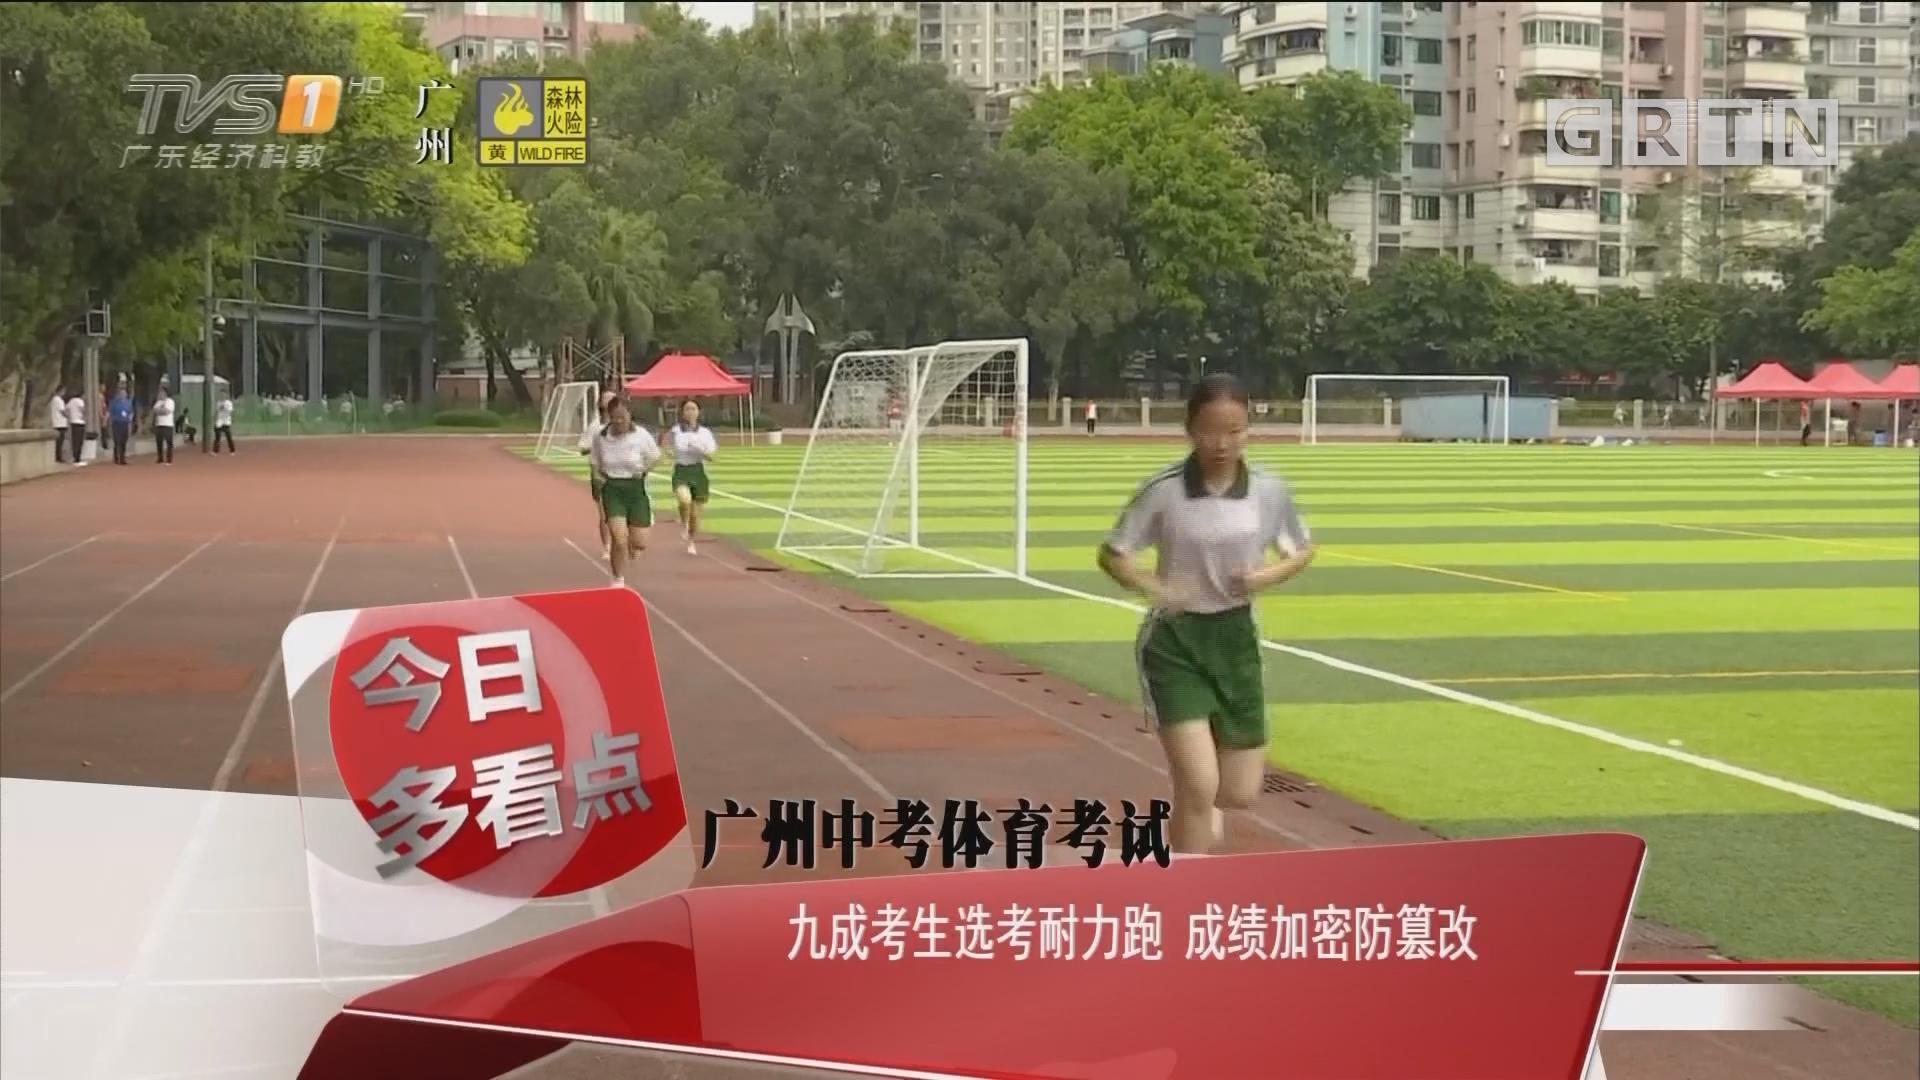 广州中考体育考试:九成考生选考耐力跑 成绩加密防篡改